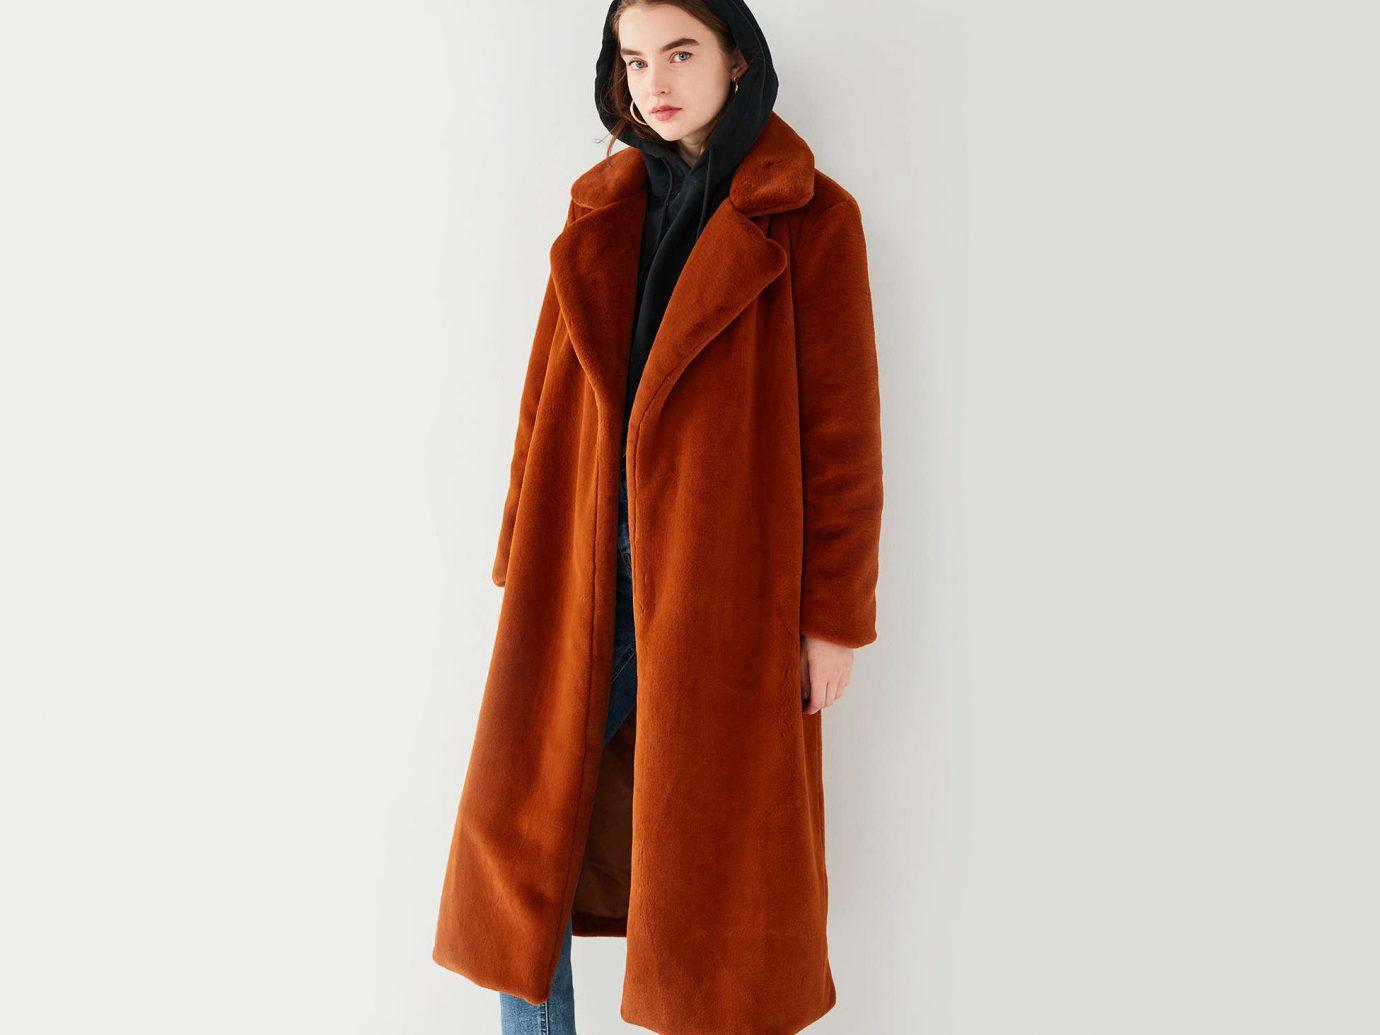 Style + Design Travel Shop fur clothing coat fur wearing hood overcoat jacket neck fashion model dressed orange clothing